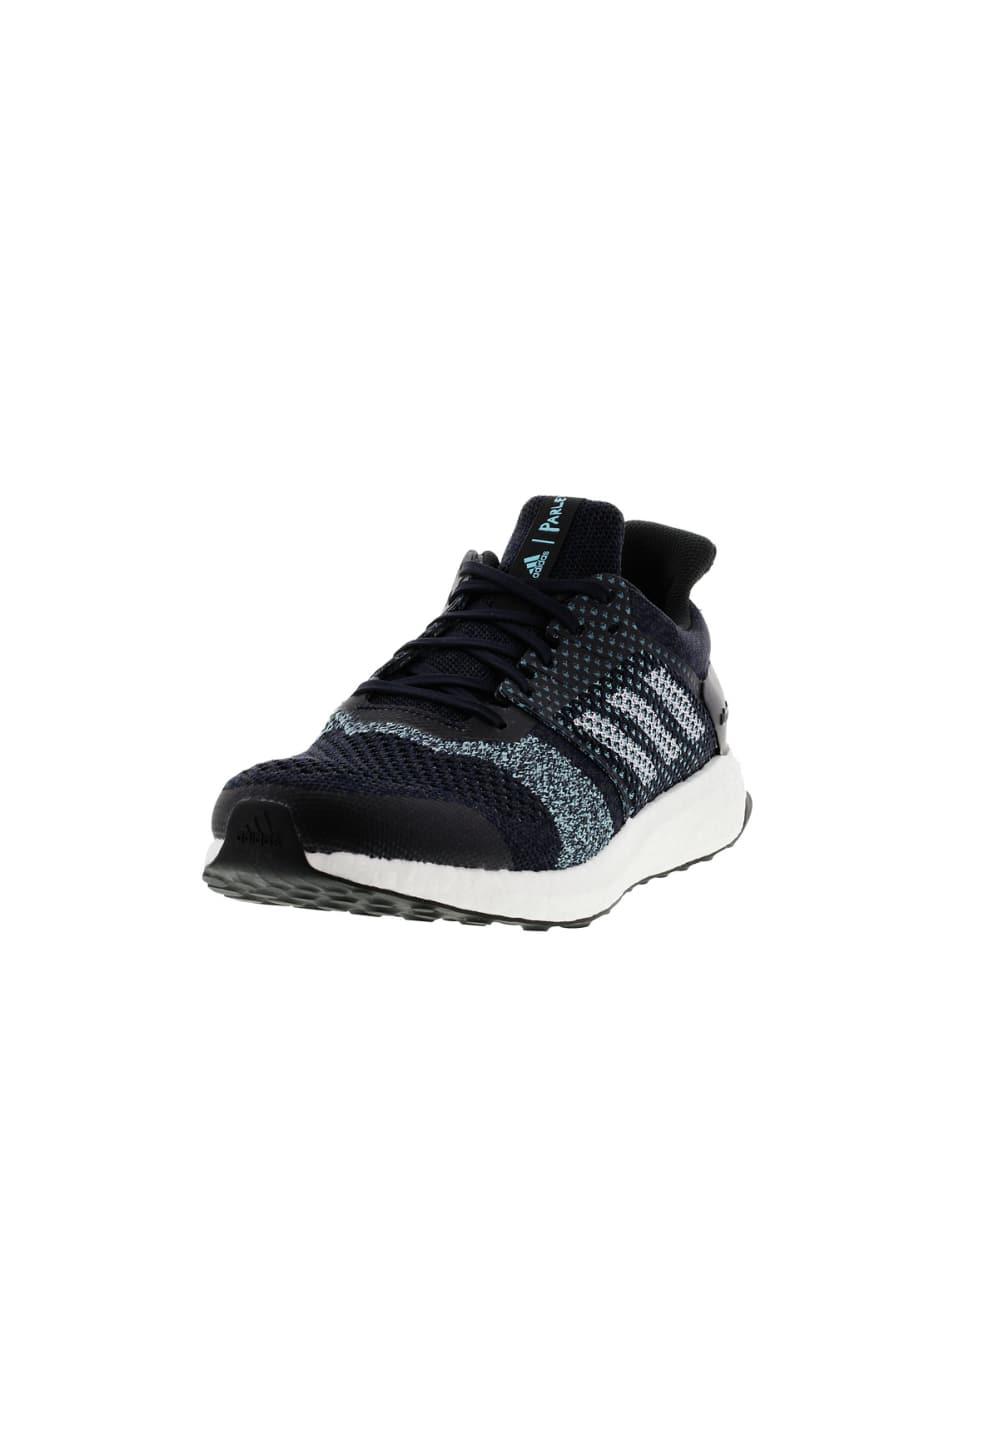 adidas Ultra Boost St - Laufschuhe für Herren - Blau